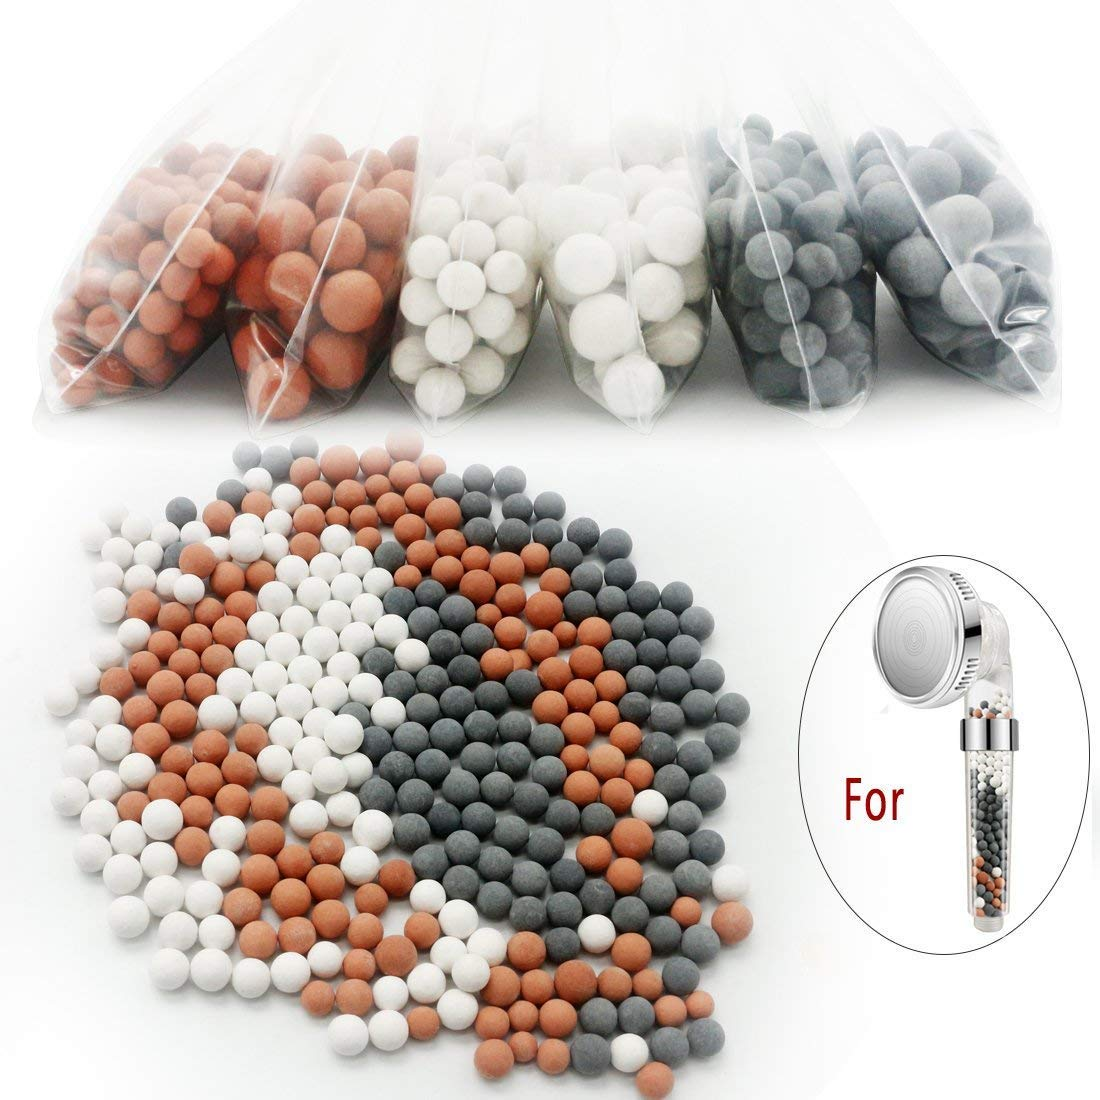 6 paquets ions né gatifs miné rale Balles, REMPLACEMENT Bio-actif Pierre pour Ionic filtre de douche Douchette, replacement boules miné rales pour Pomme de douche replacement boules minérales pour Pomme de douche